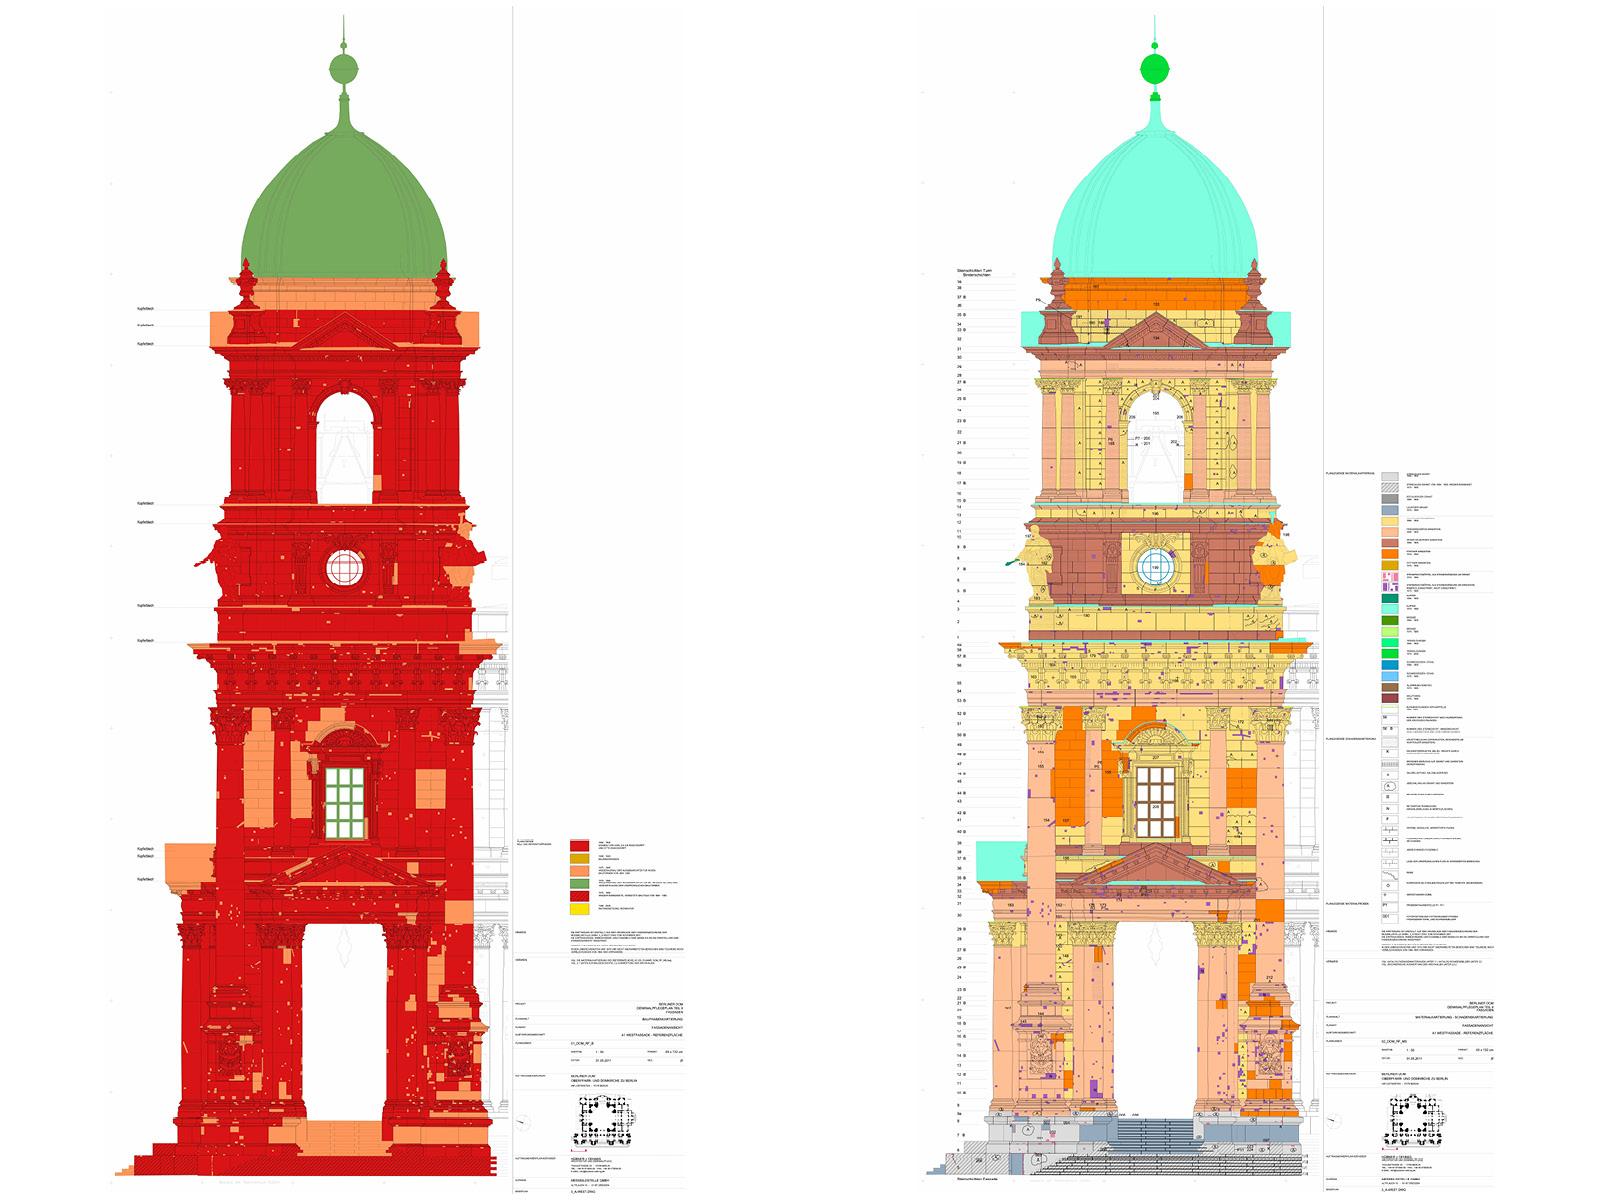 Abb. 1 u. 2: Bauphasenkartierung Turm C (links), Schadenskartierung Turm C (rechts), Hübner + Oehmig • Architektur und Denkmalpflege